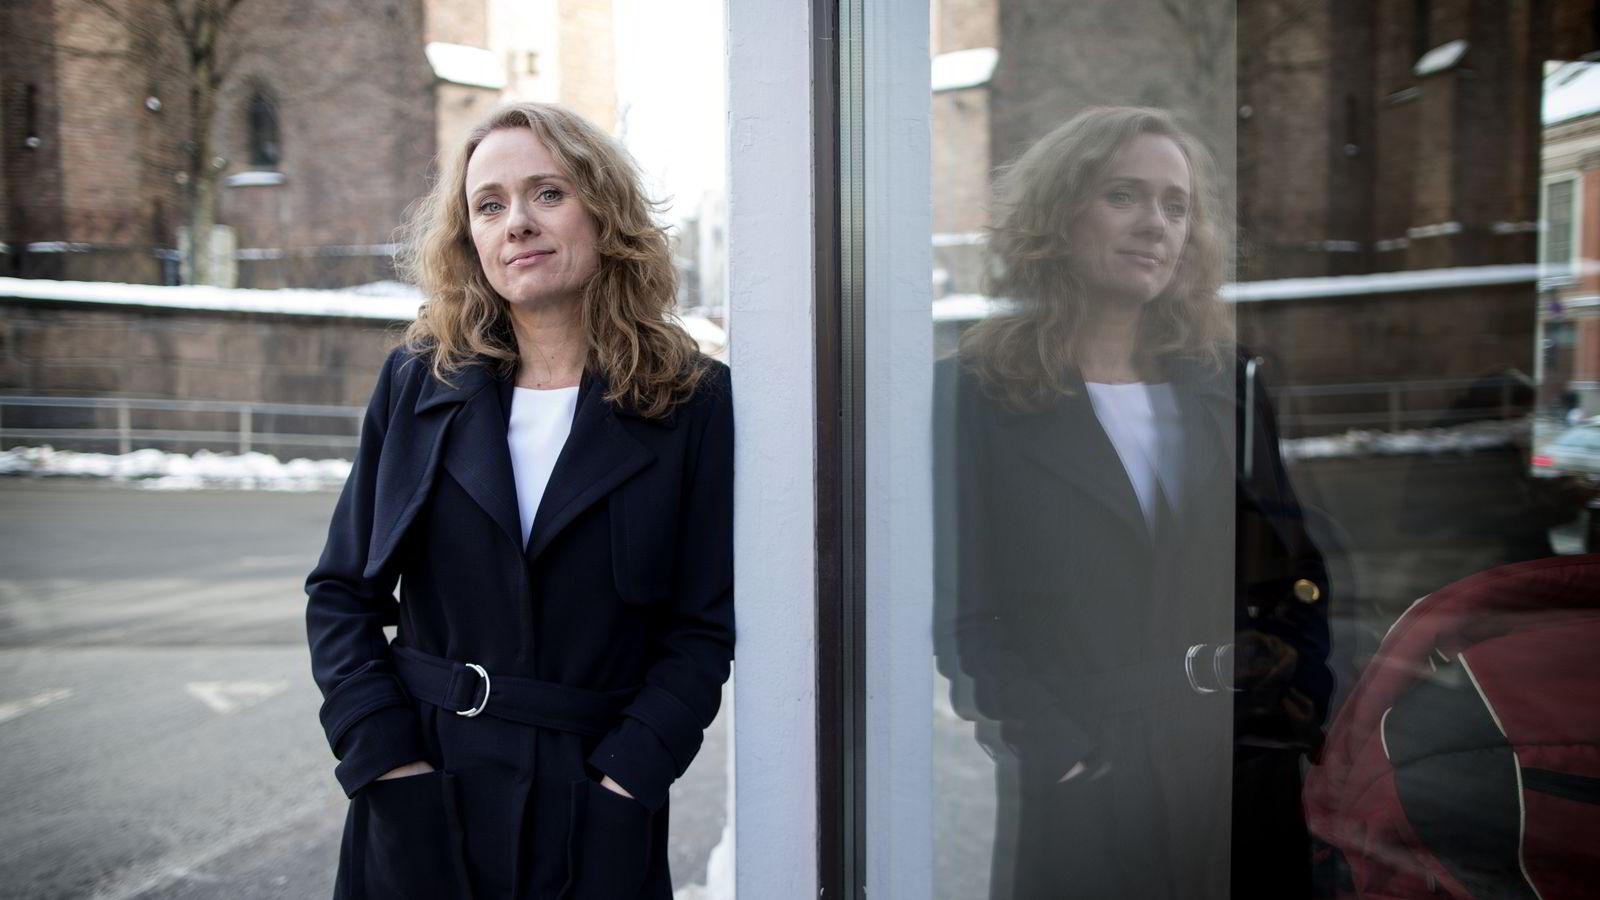 Arbeids- og sosialminister Anniken Hauglie brukte studietiden til å rendyrke det hun virkelig var interessert i.